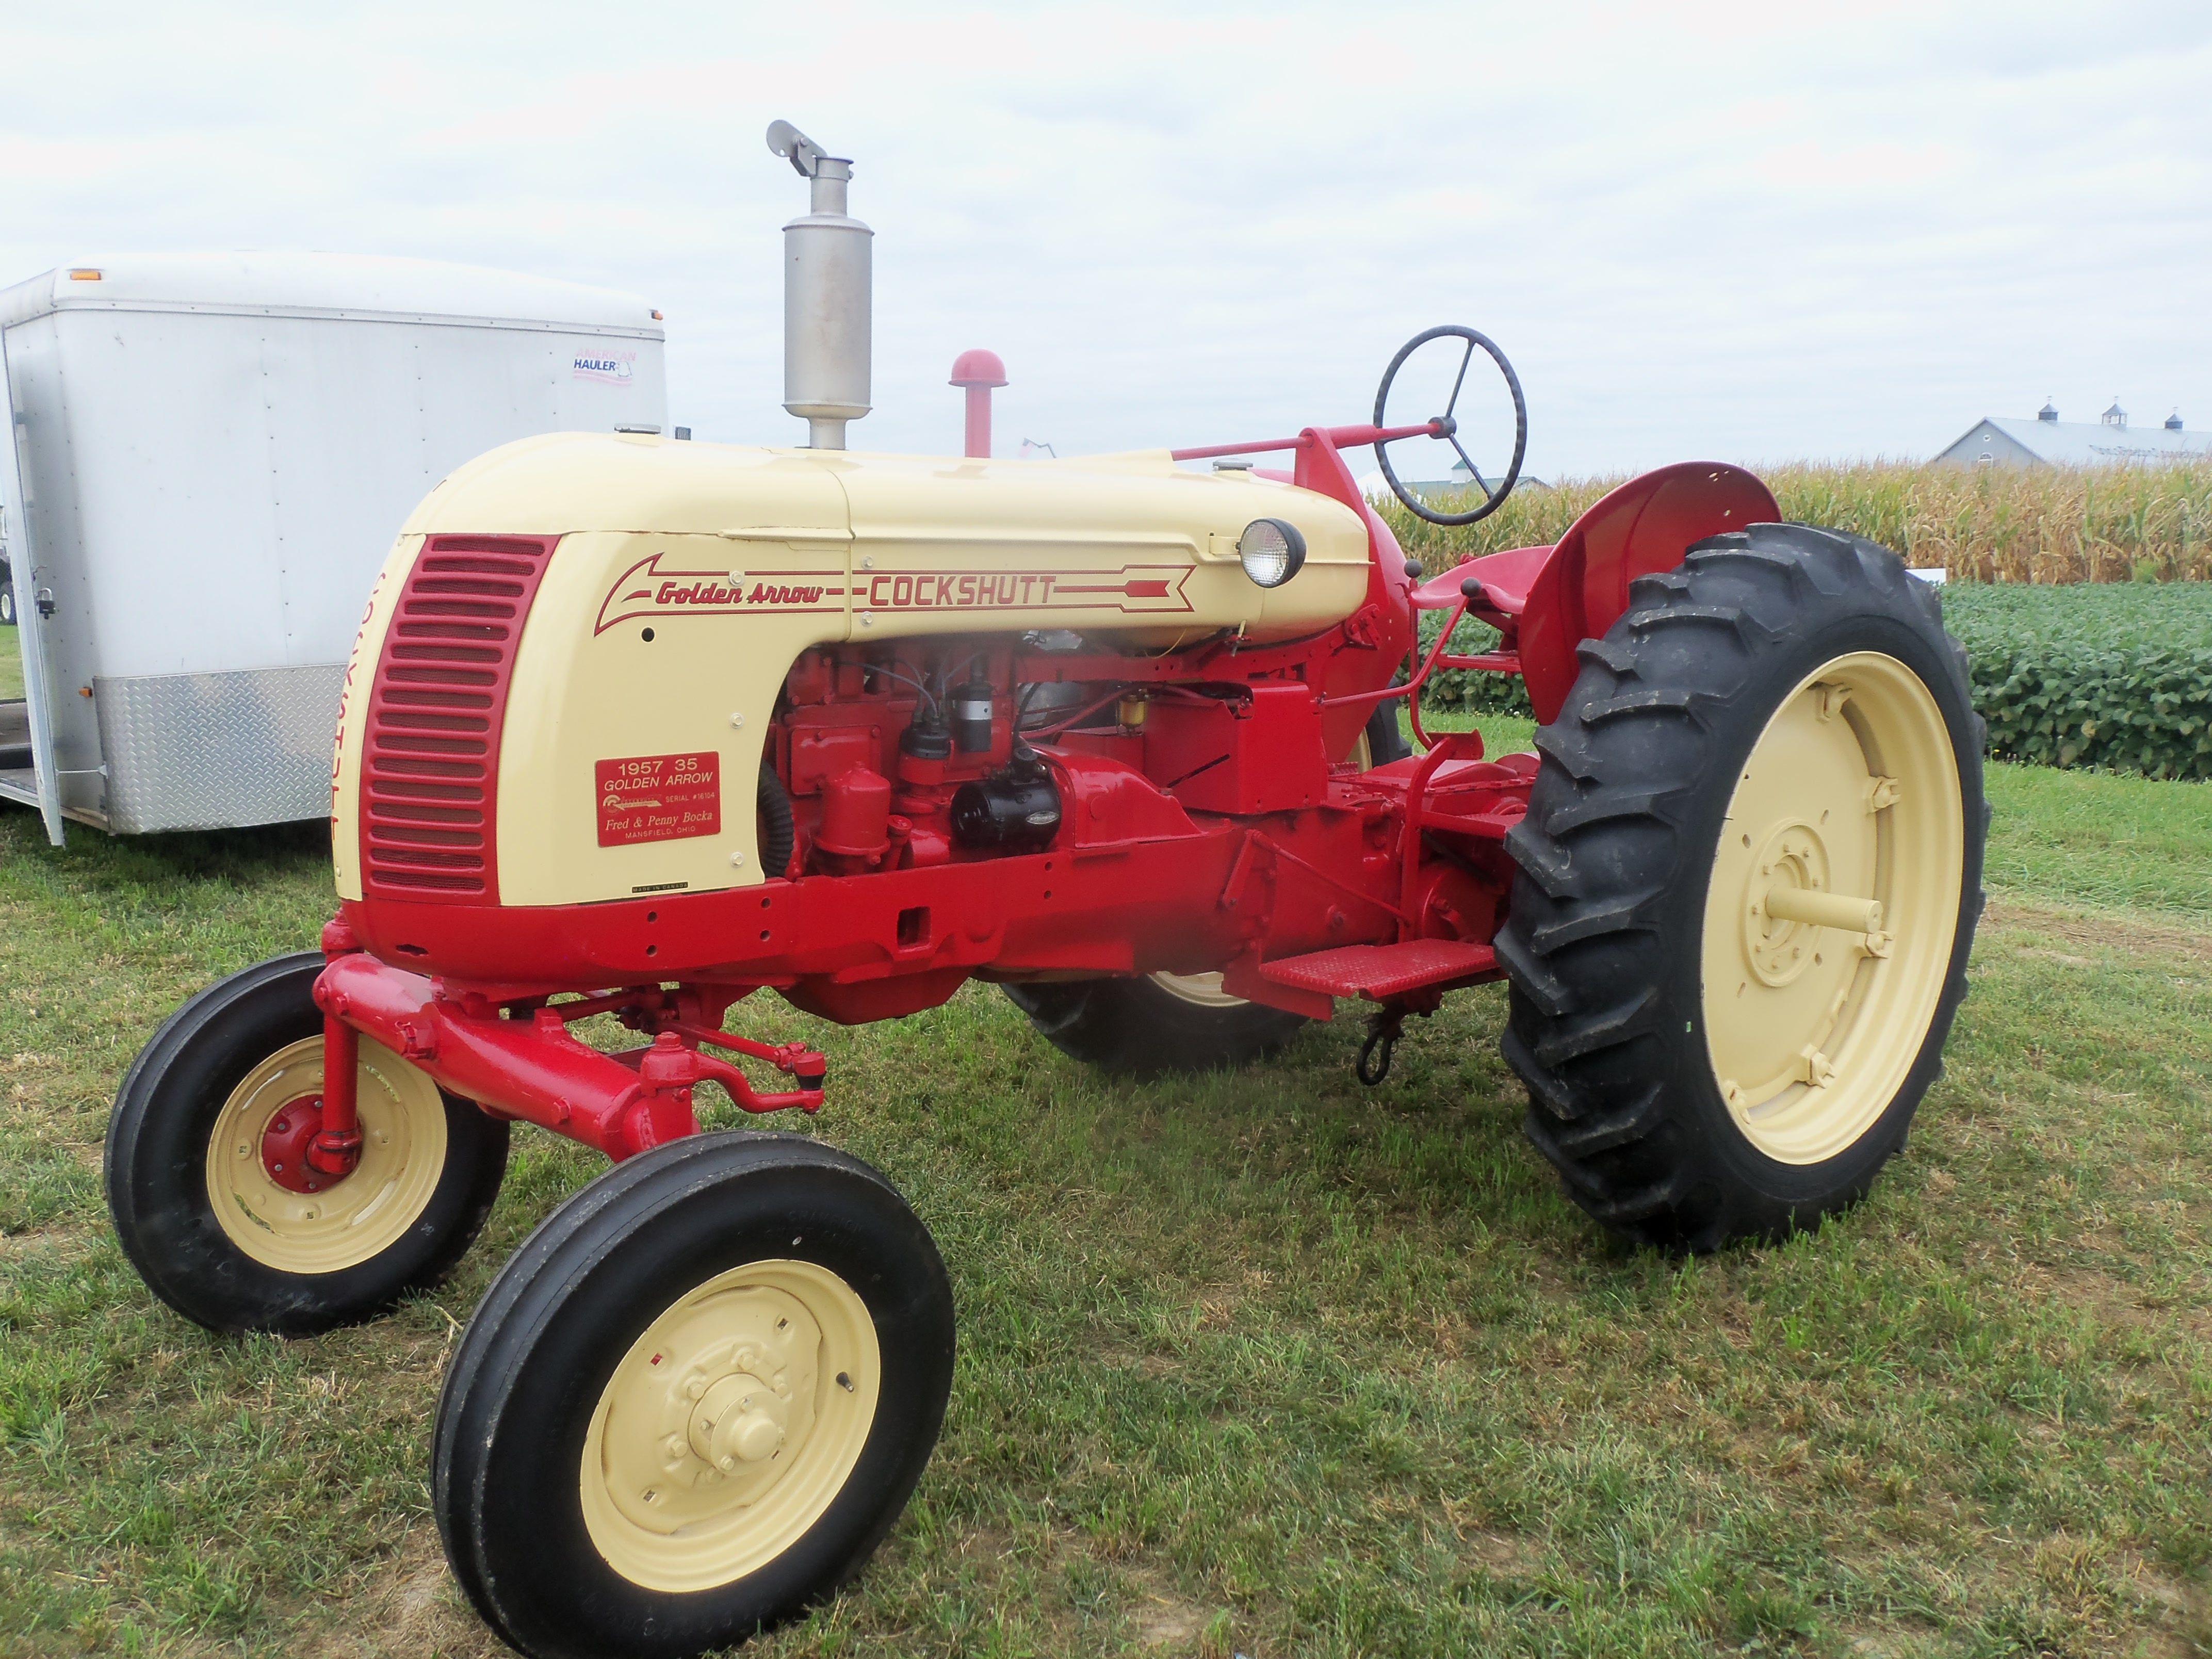 Cockshutt Golden Arrow 35 Old Tractors Tractors Vintage Tractors